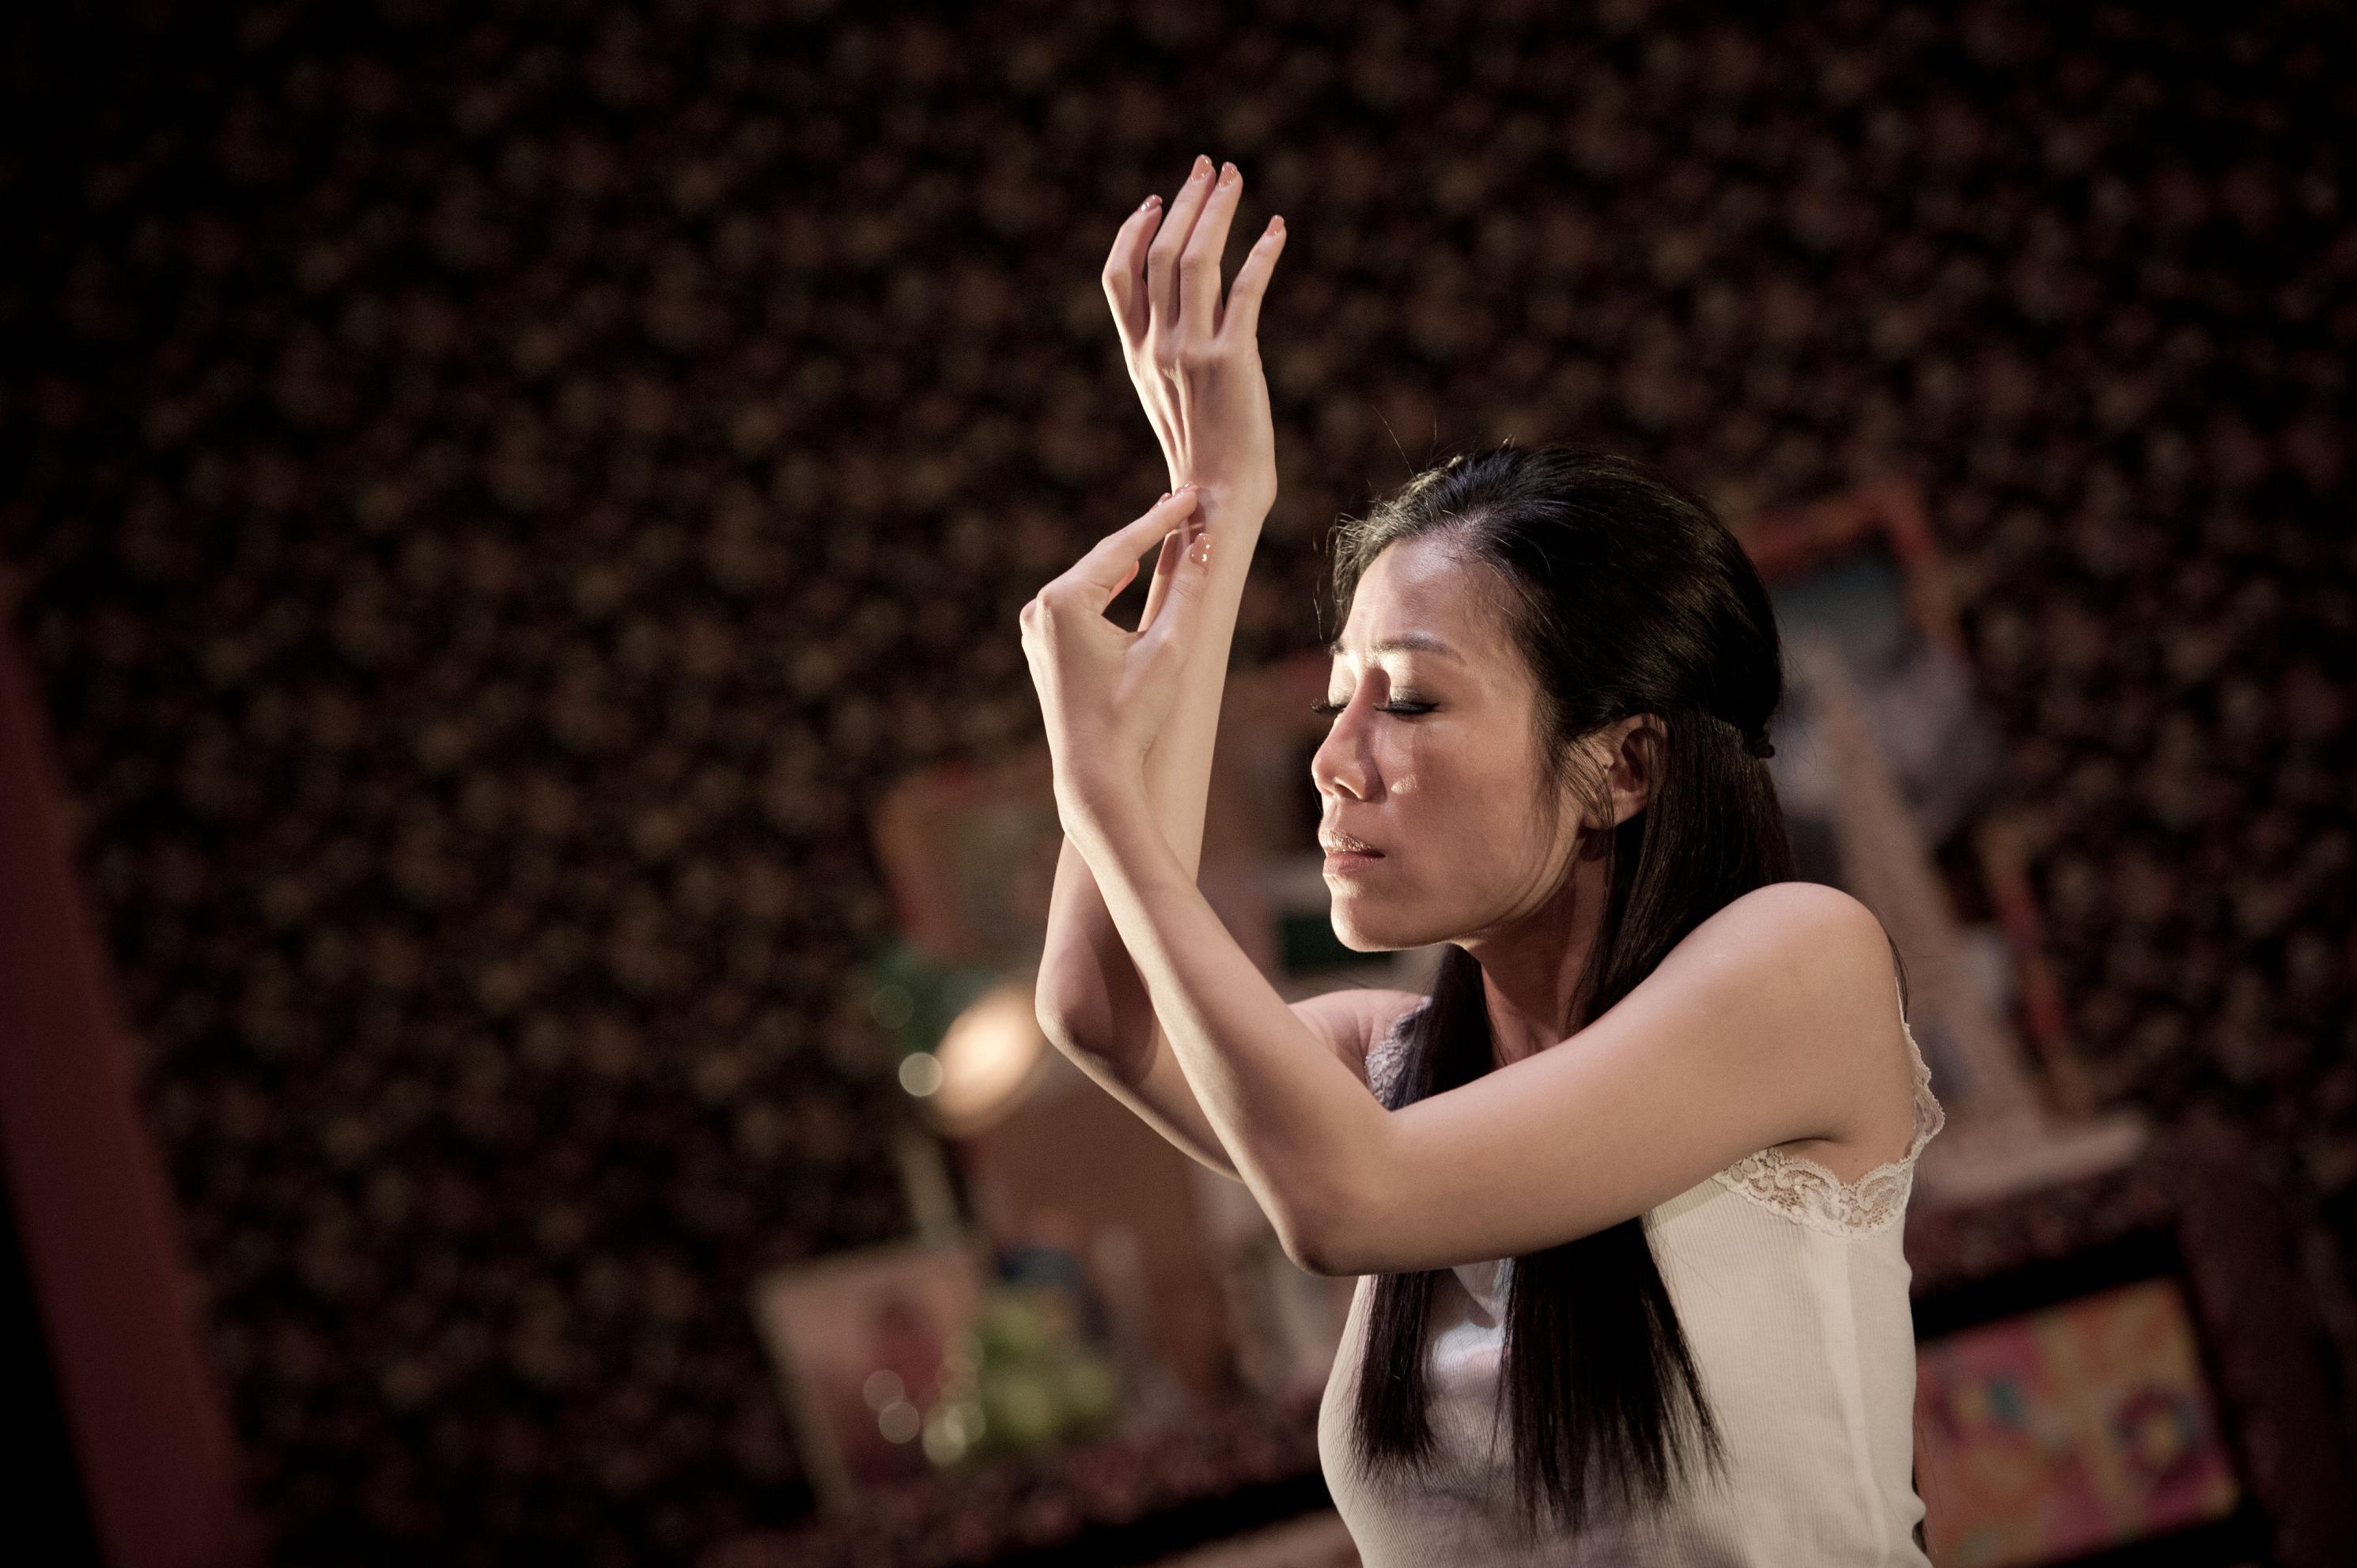 彭秀慧是舞台劇編劇、導演和演員,曾創作和主演多套獨腳戲,十年前首演《29+1》後一炮而紅,之後重演八次,講述一個女人步入三十歲的心路歷程。此為劇照。